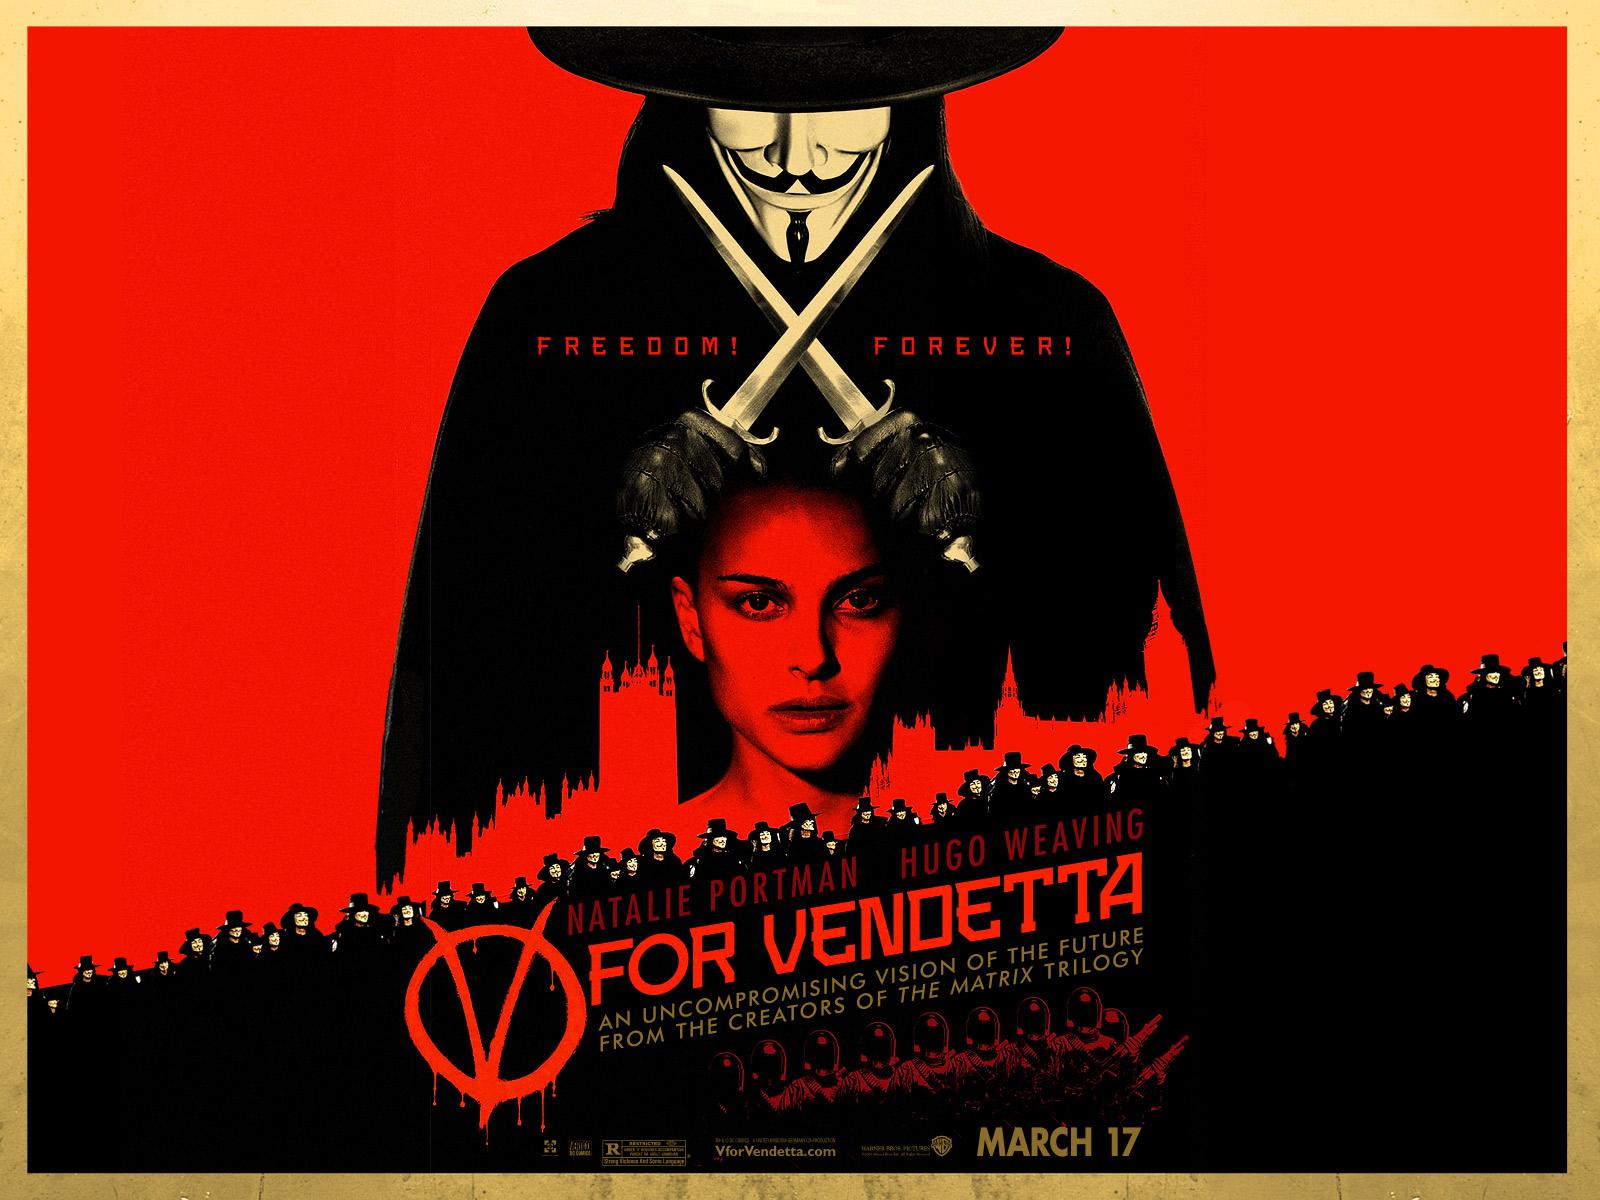 Wallpaper Natalie Portman & Hugo Weaving V pour Vendetta - V for Vendetta